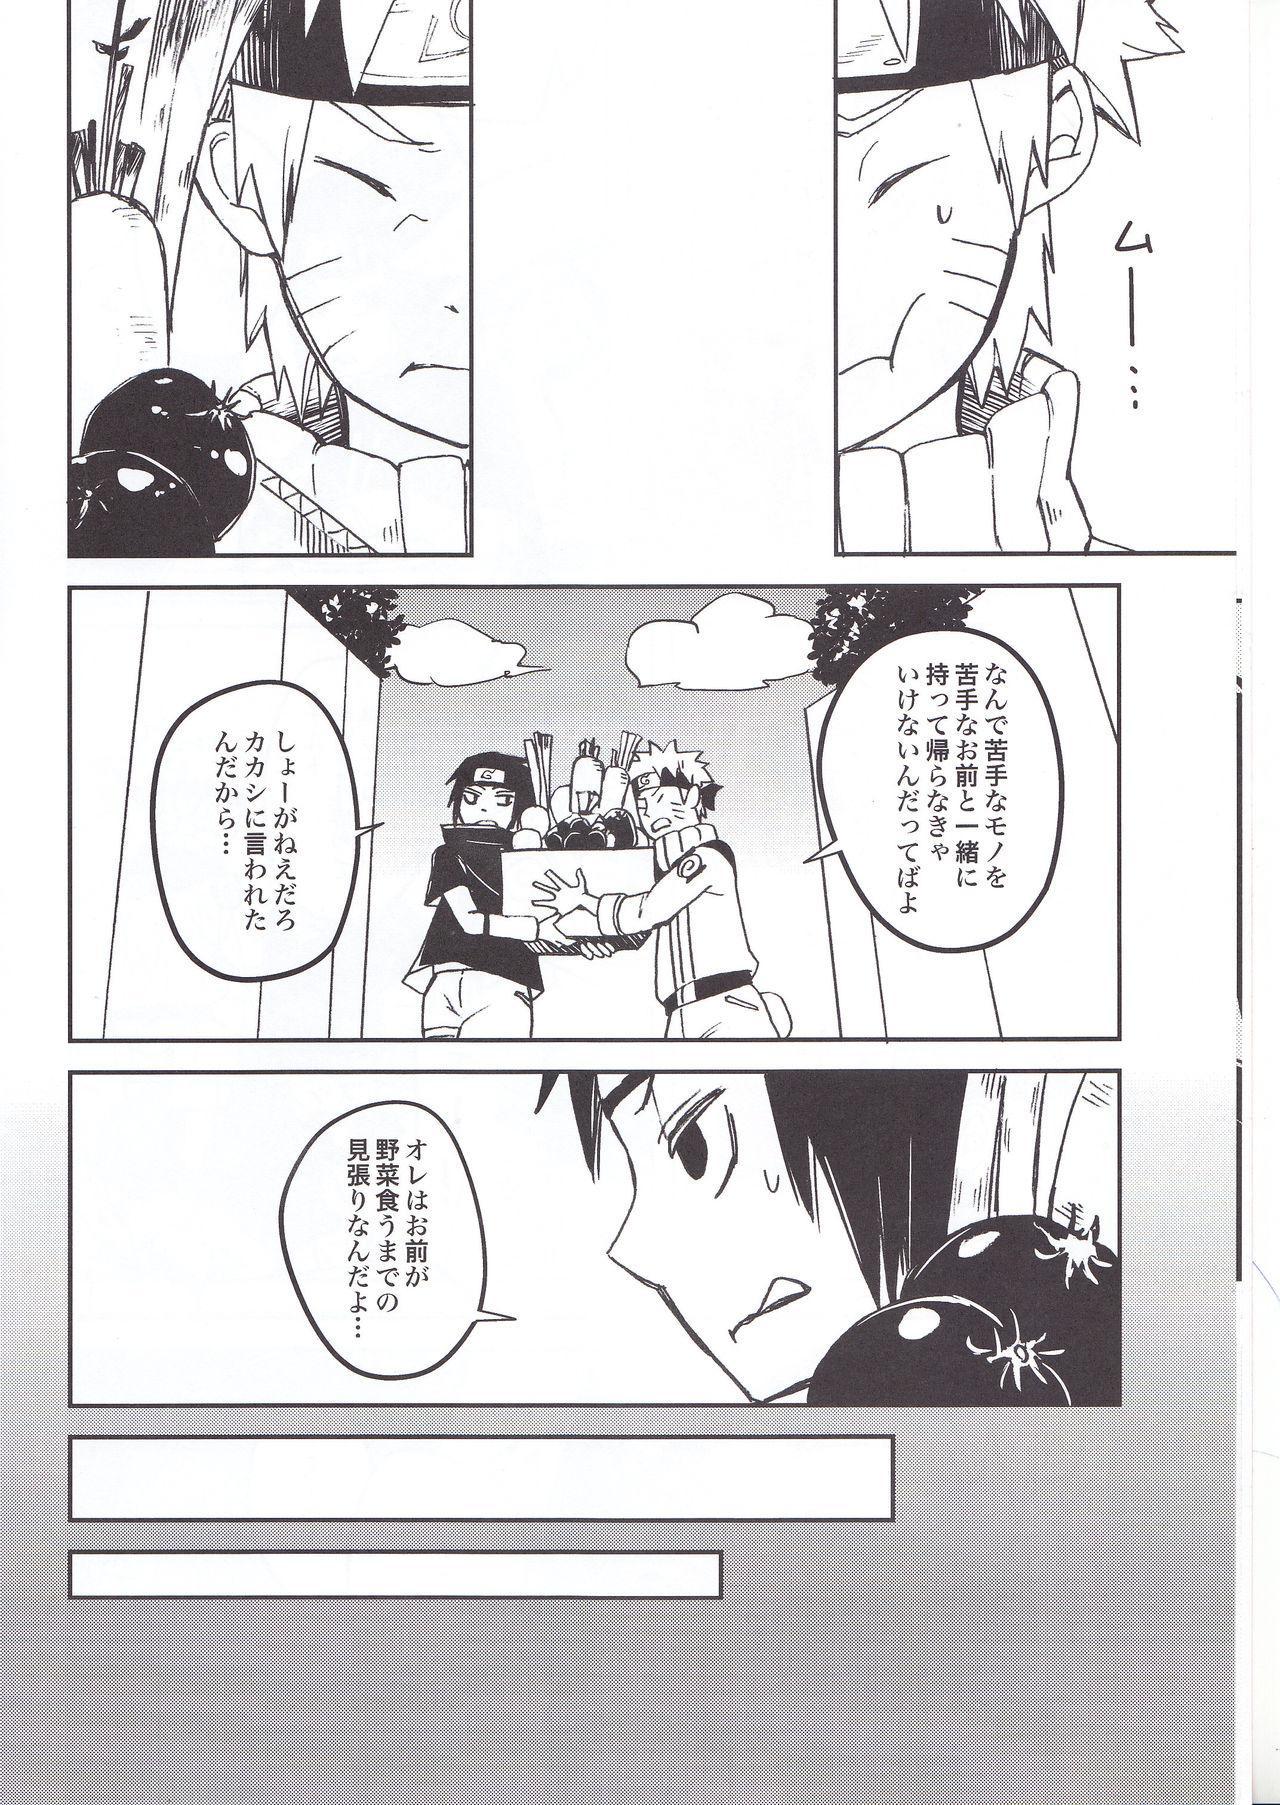 (C91) [Pot8os (McQueen Michino)] Ramen Daisuki Naruto-kun to Sasuke-kun (Naruto) 5